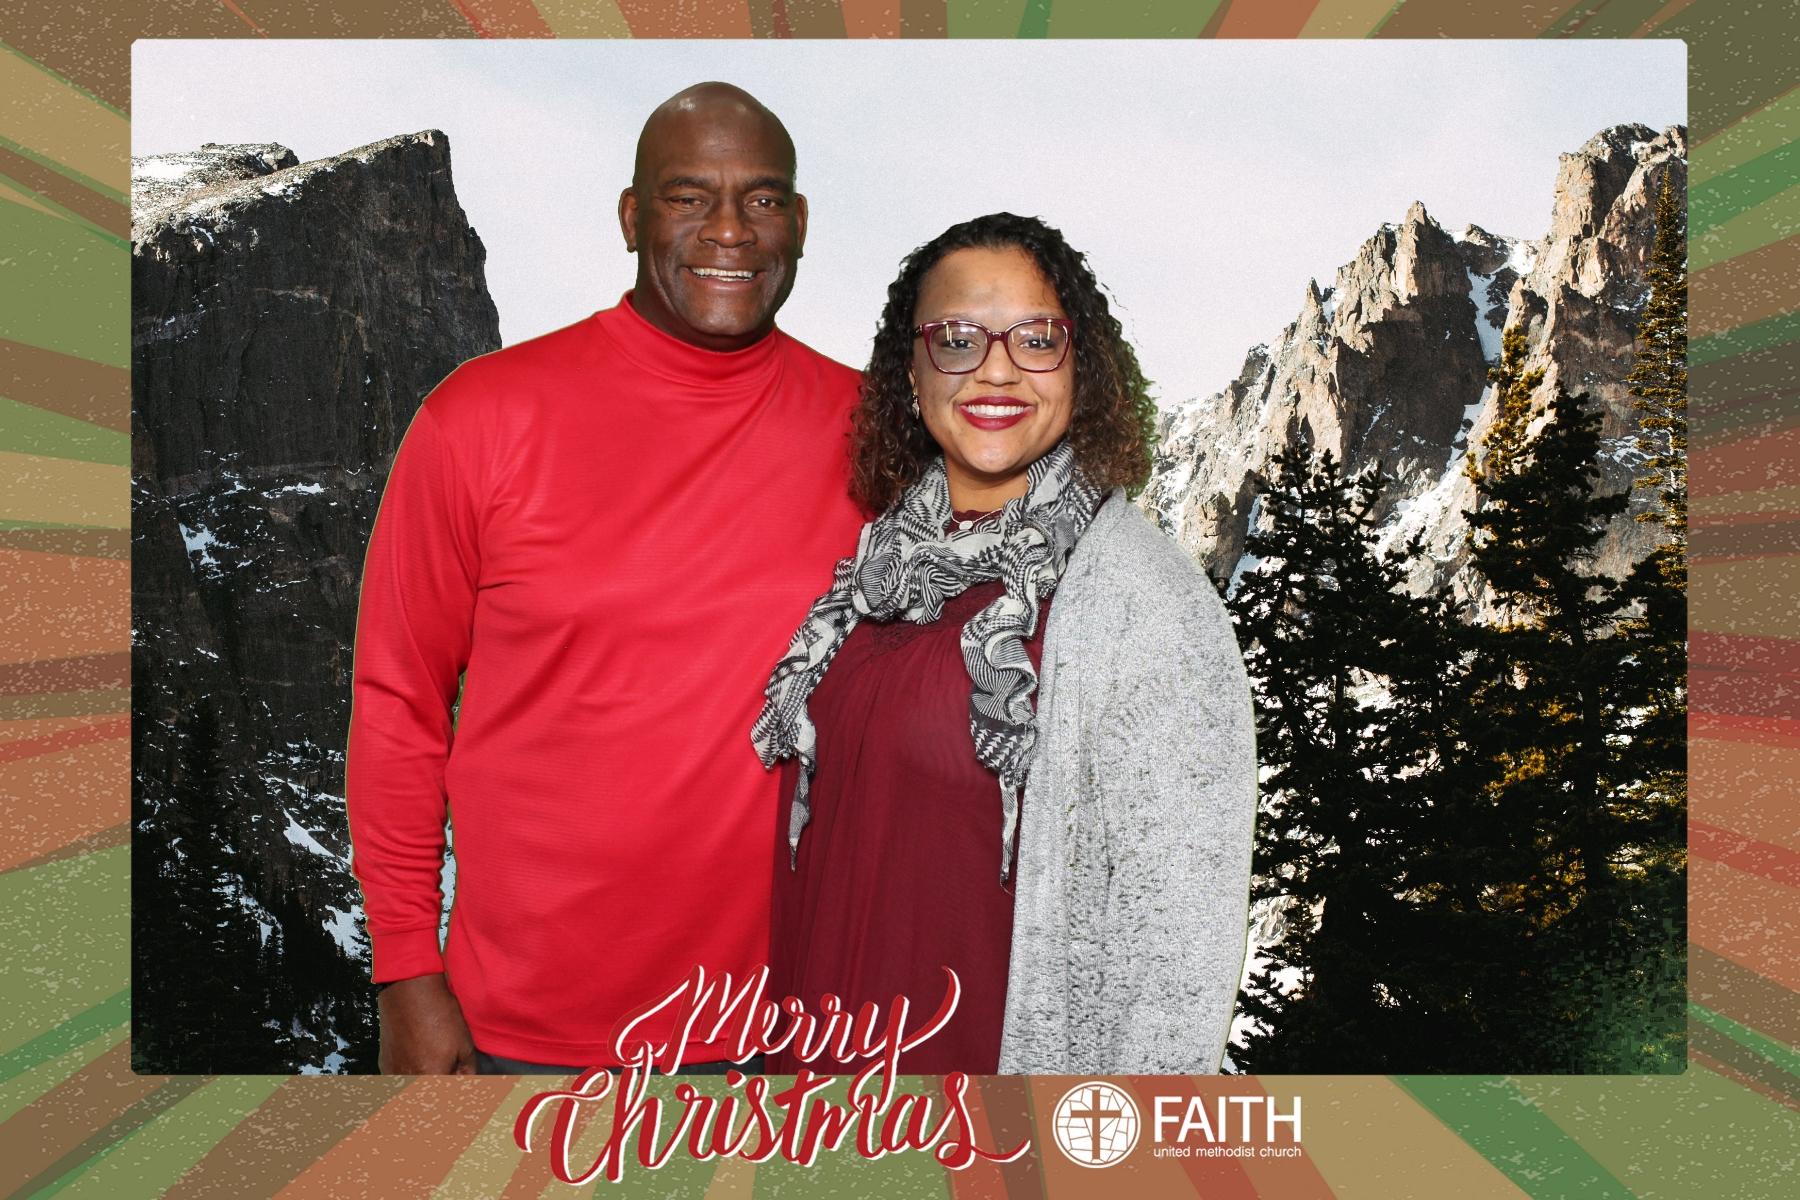 Faith2018_2018-12-24_17-04-23.jpg